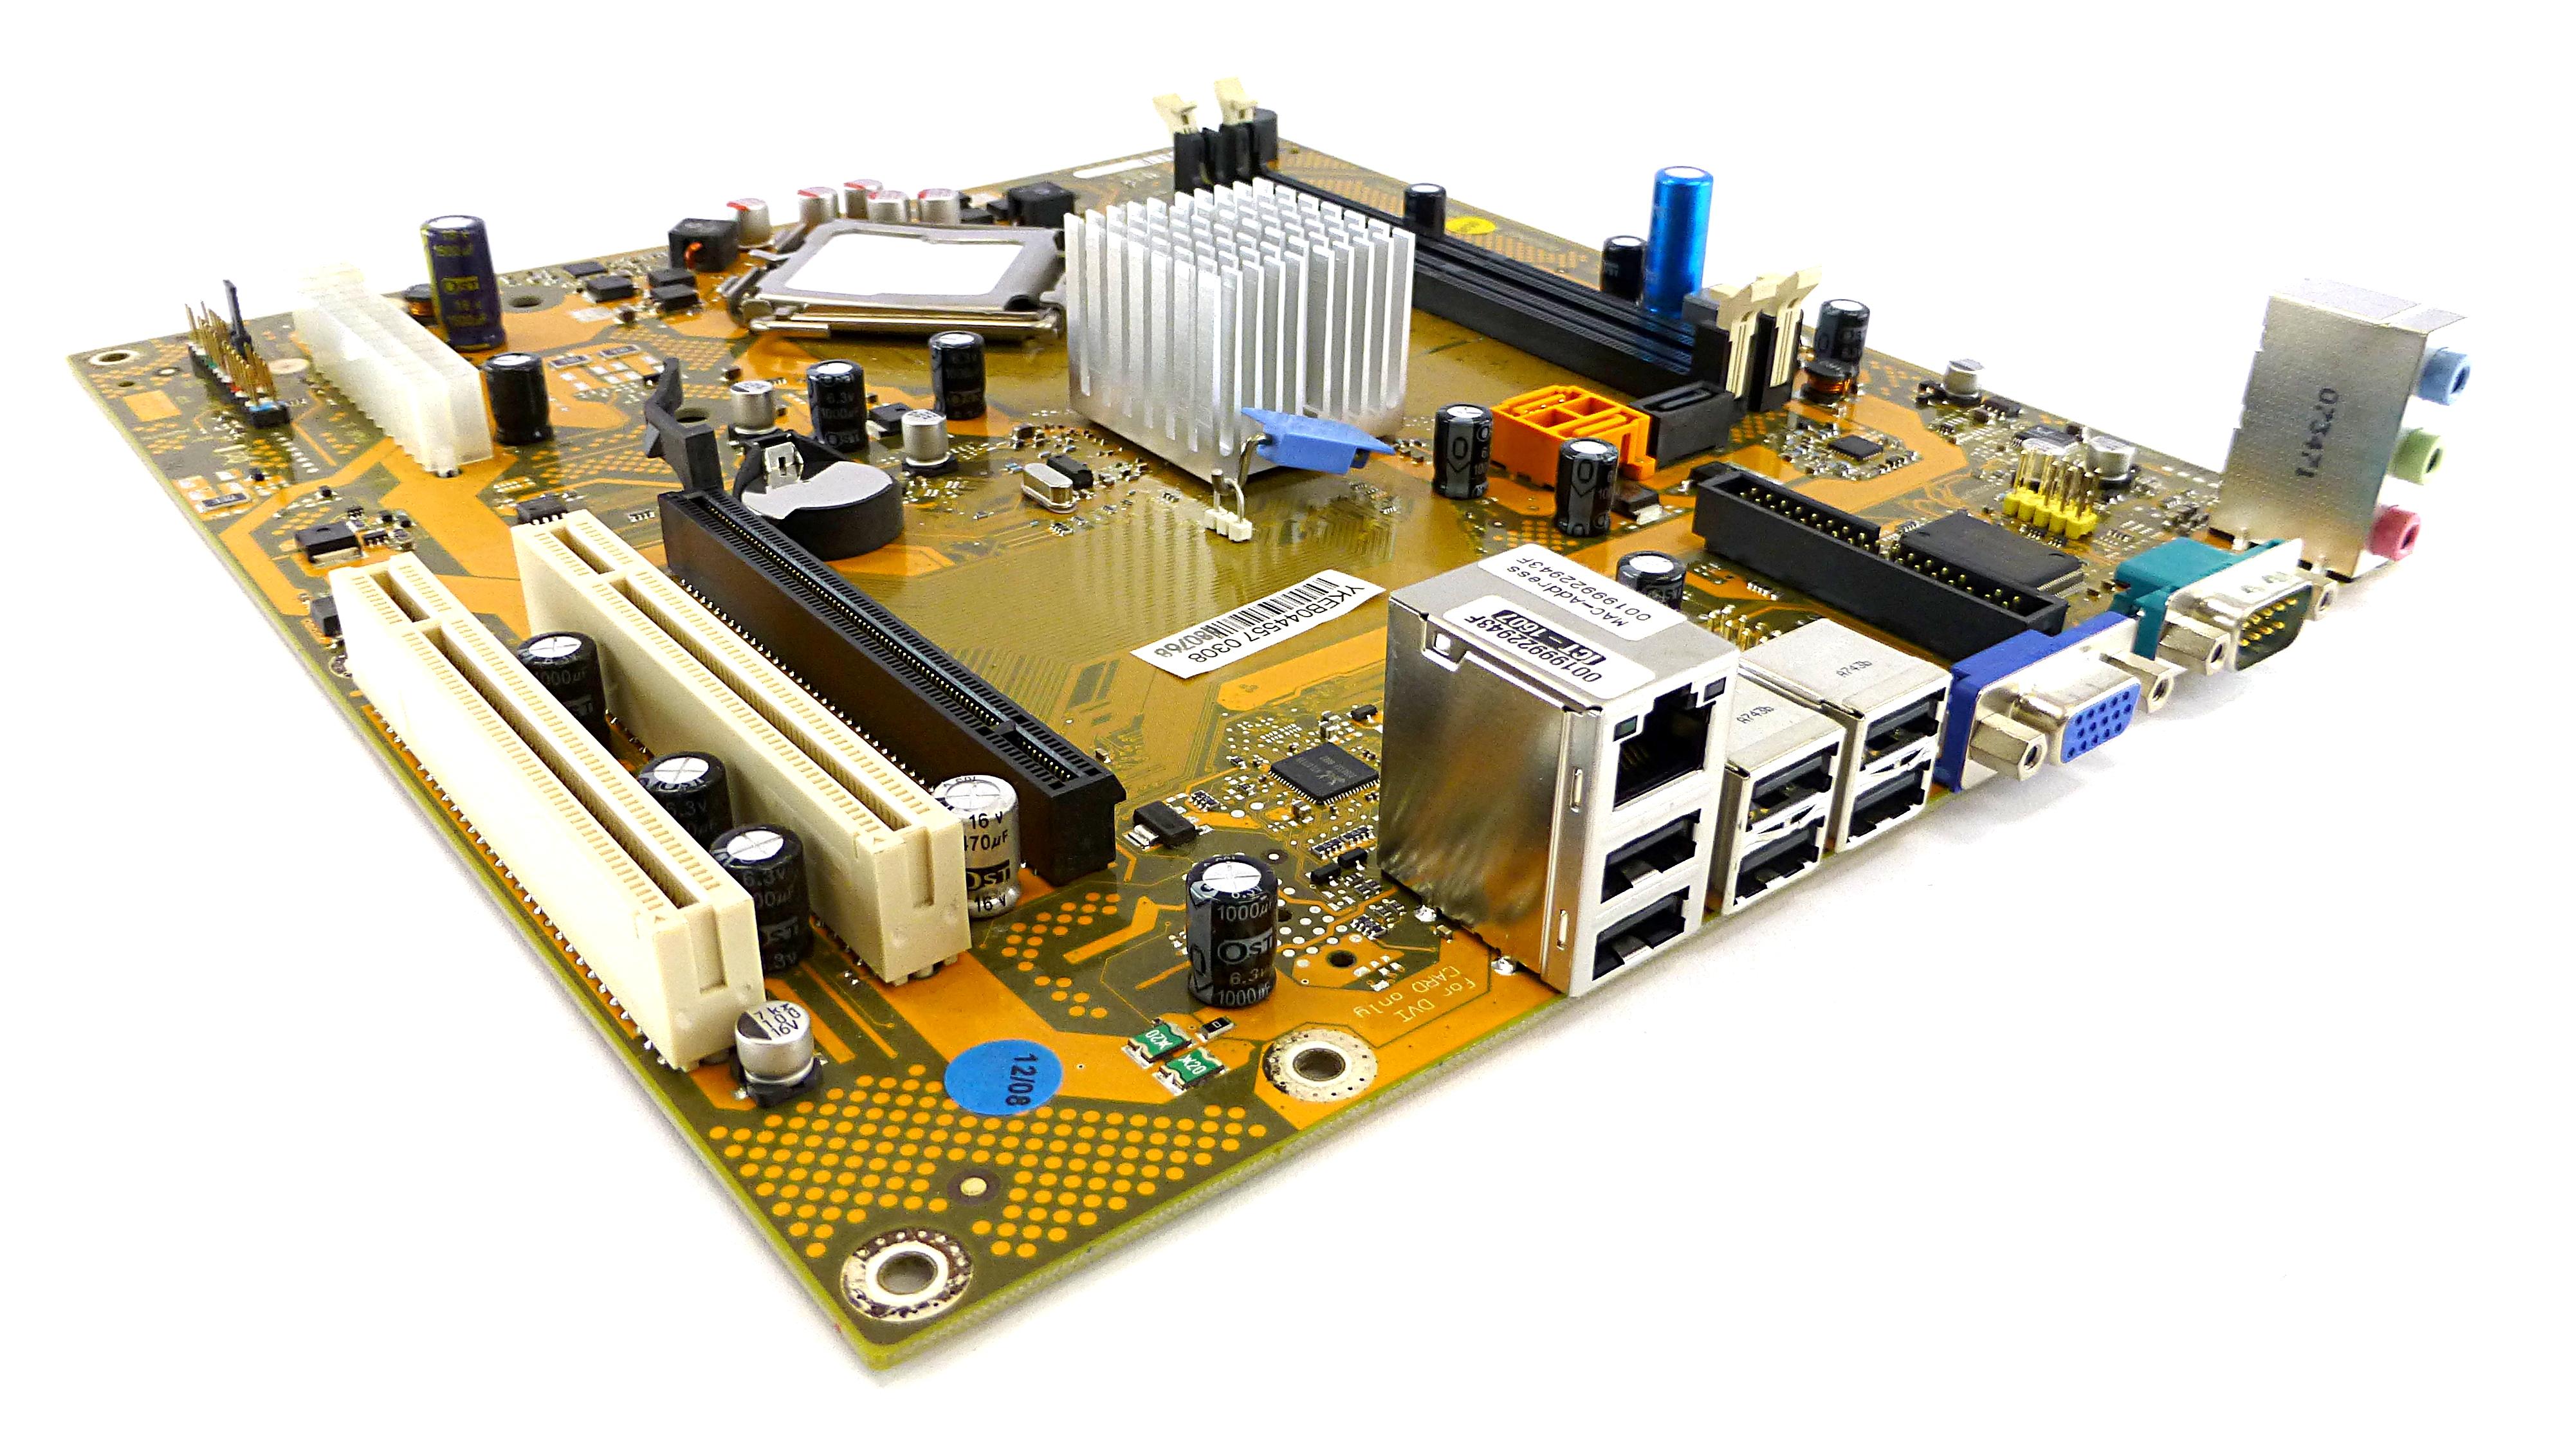 Fujitsu W26361-W1752-X-02 Esprimo P2520 MI3W-S2740 Socket 755 Motherboard